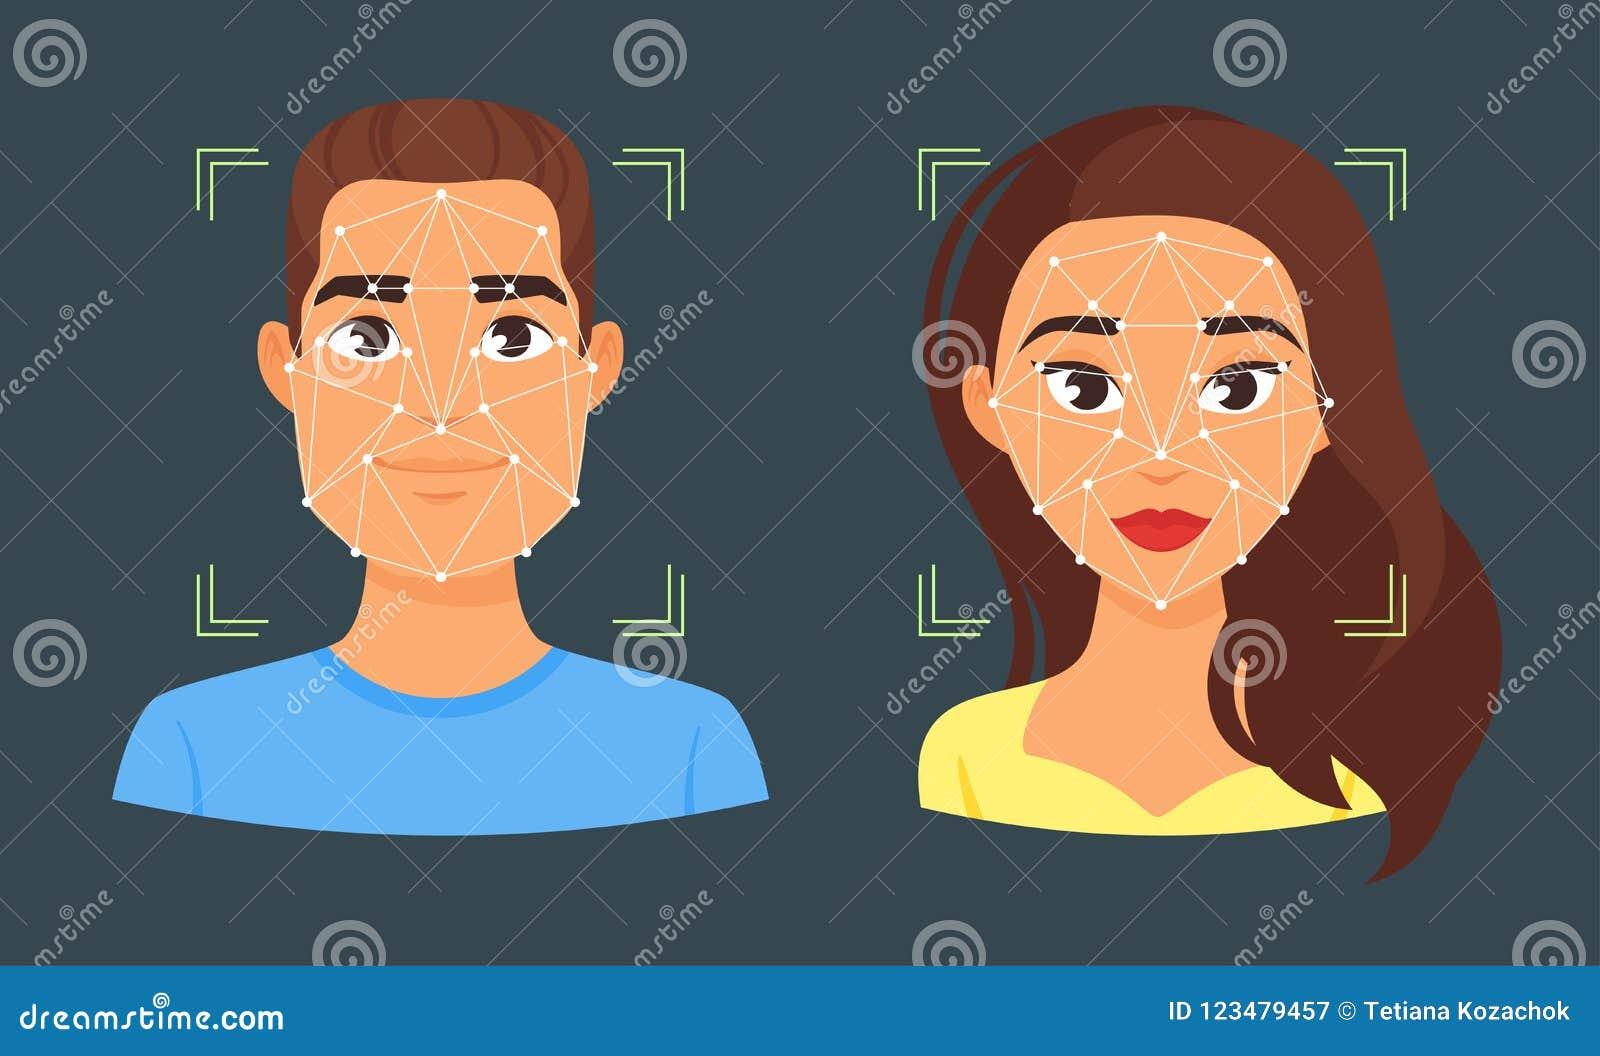 Illustratie van de gezichts de biometrische identificatie